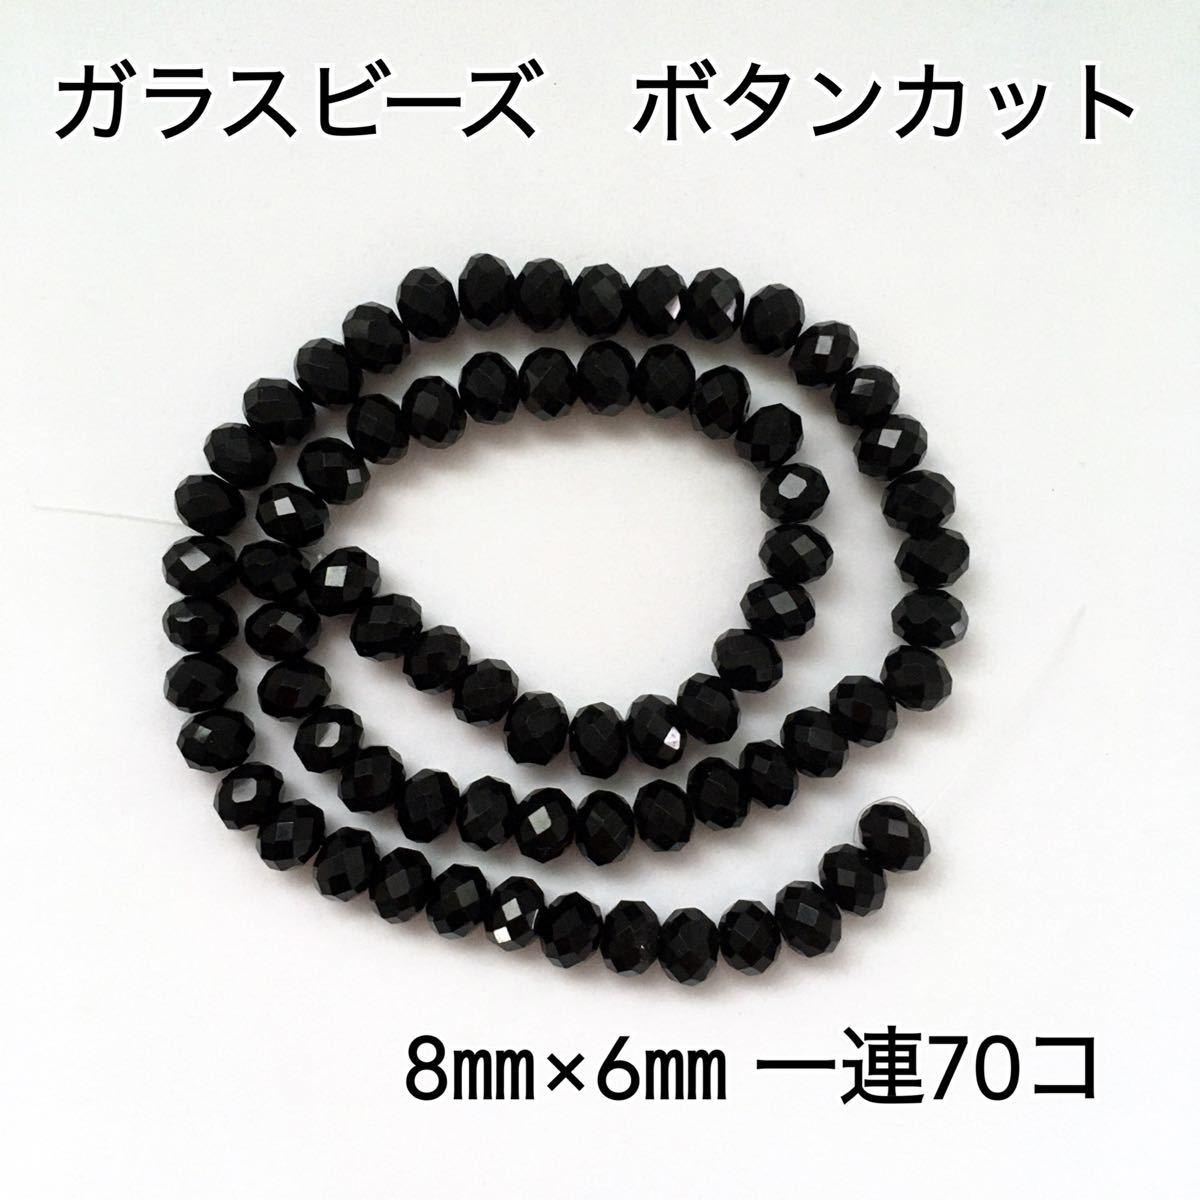 【ビーズパーツ】8mmガラスビーズ(ボタンカット)ブラック 1連70コ